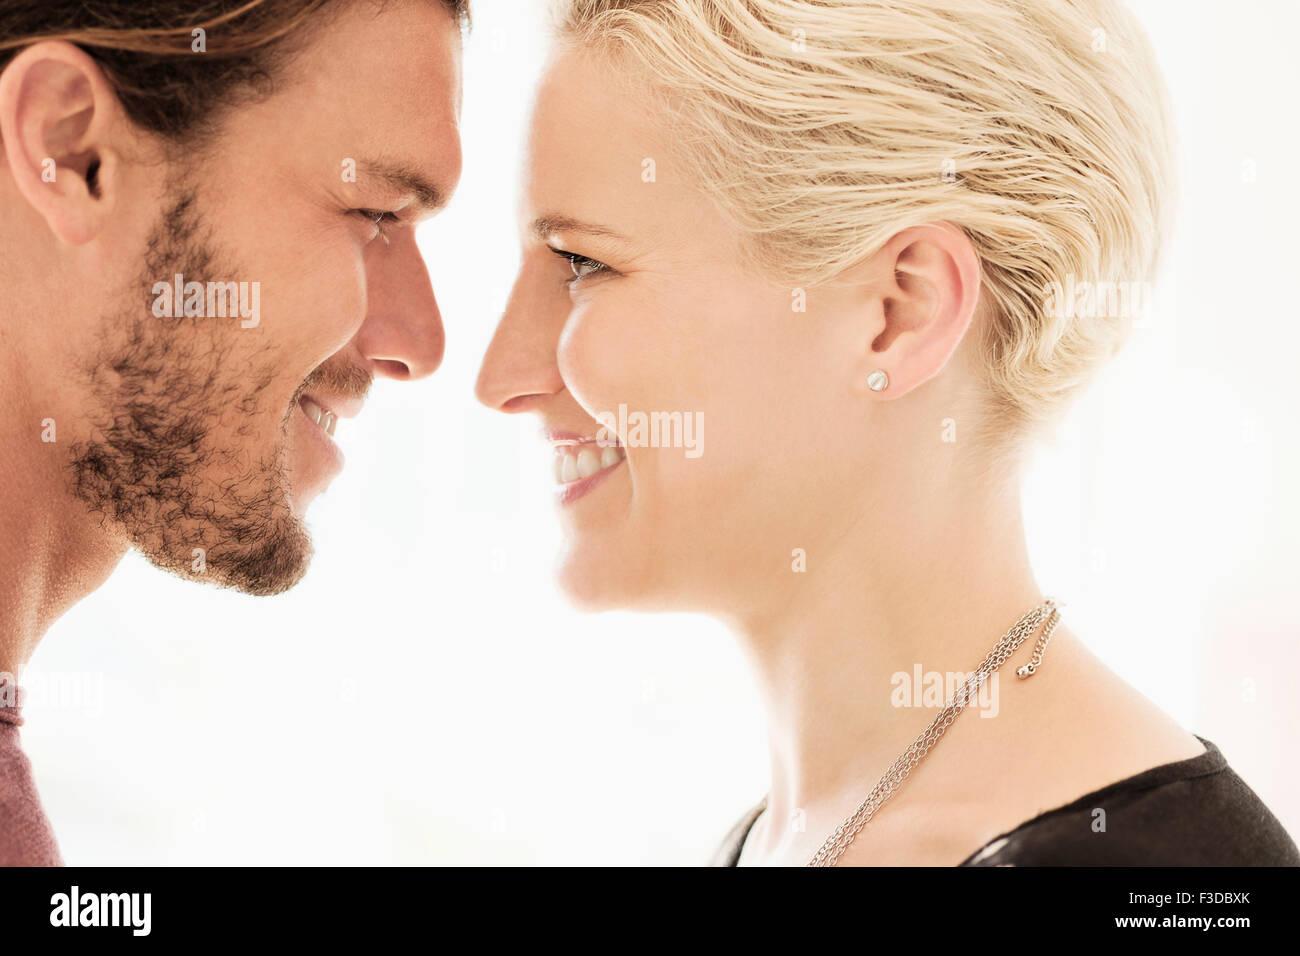 Paar von Angesicht zu Angesicht auf weißem Hintergrund Stockbild